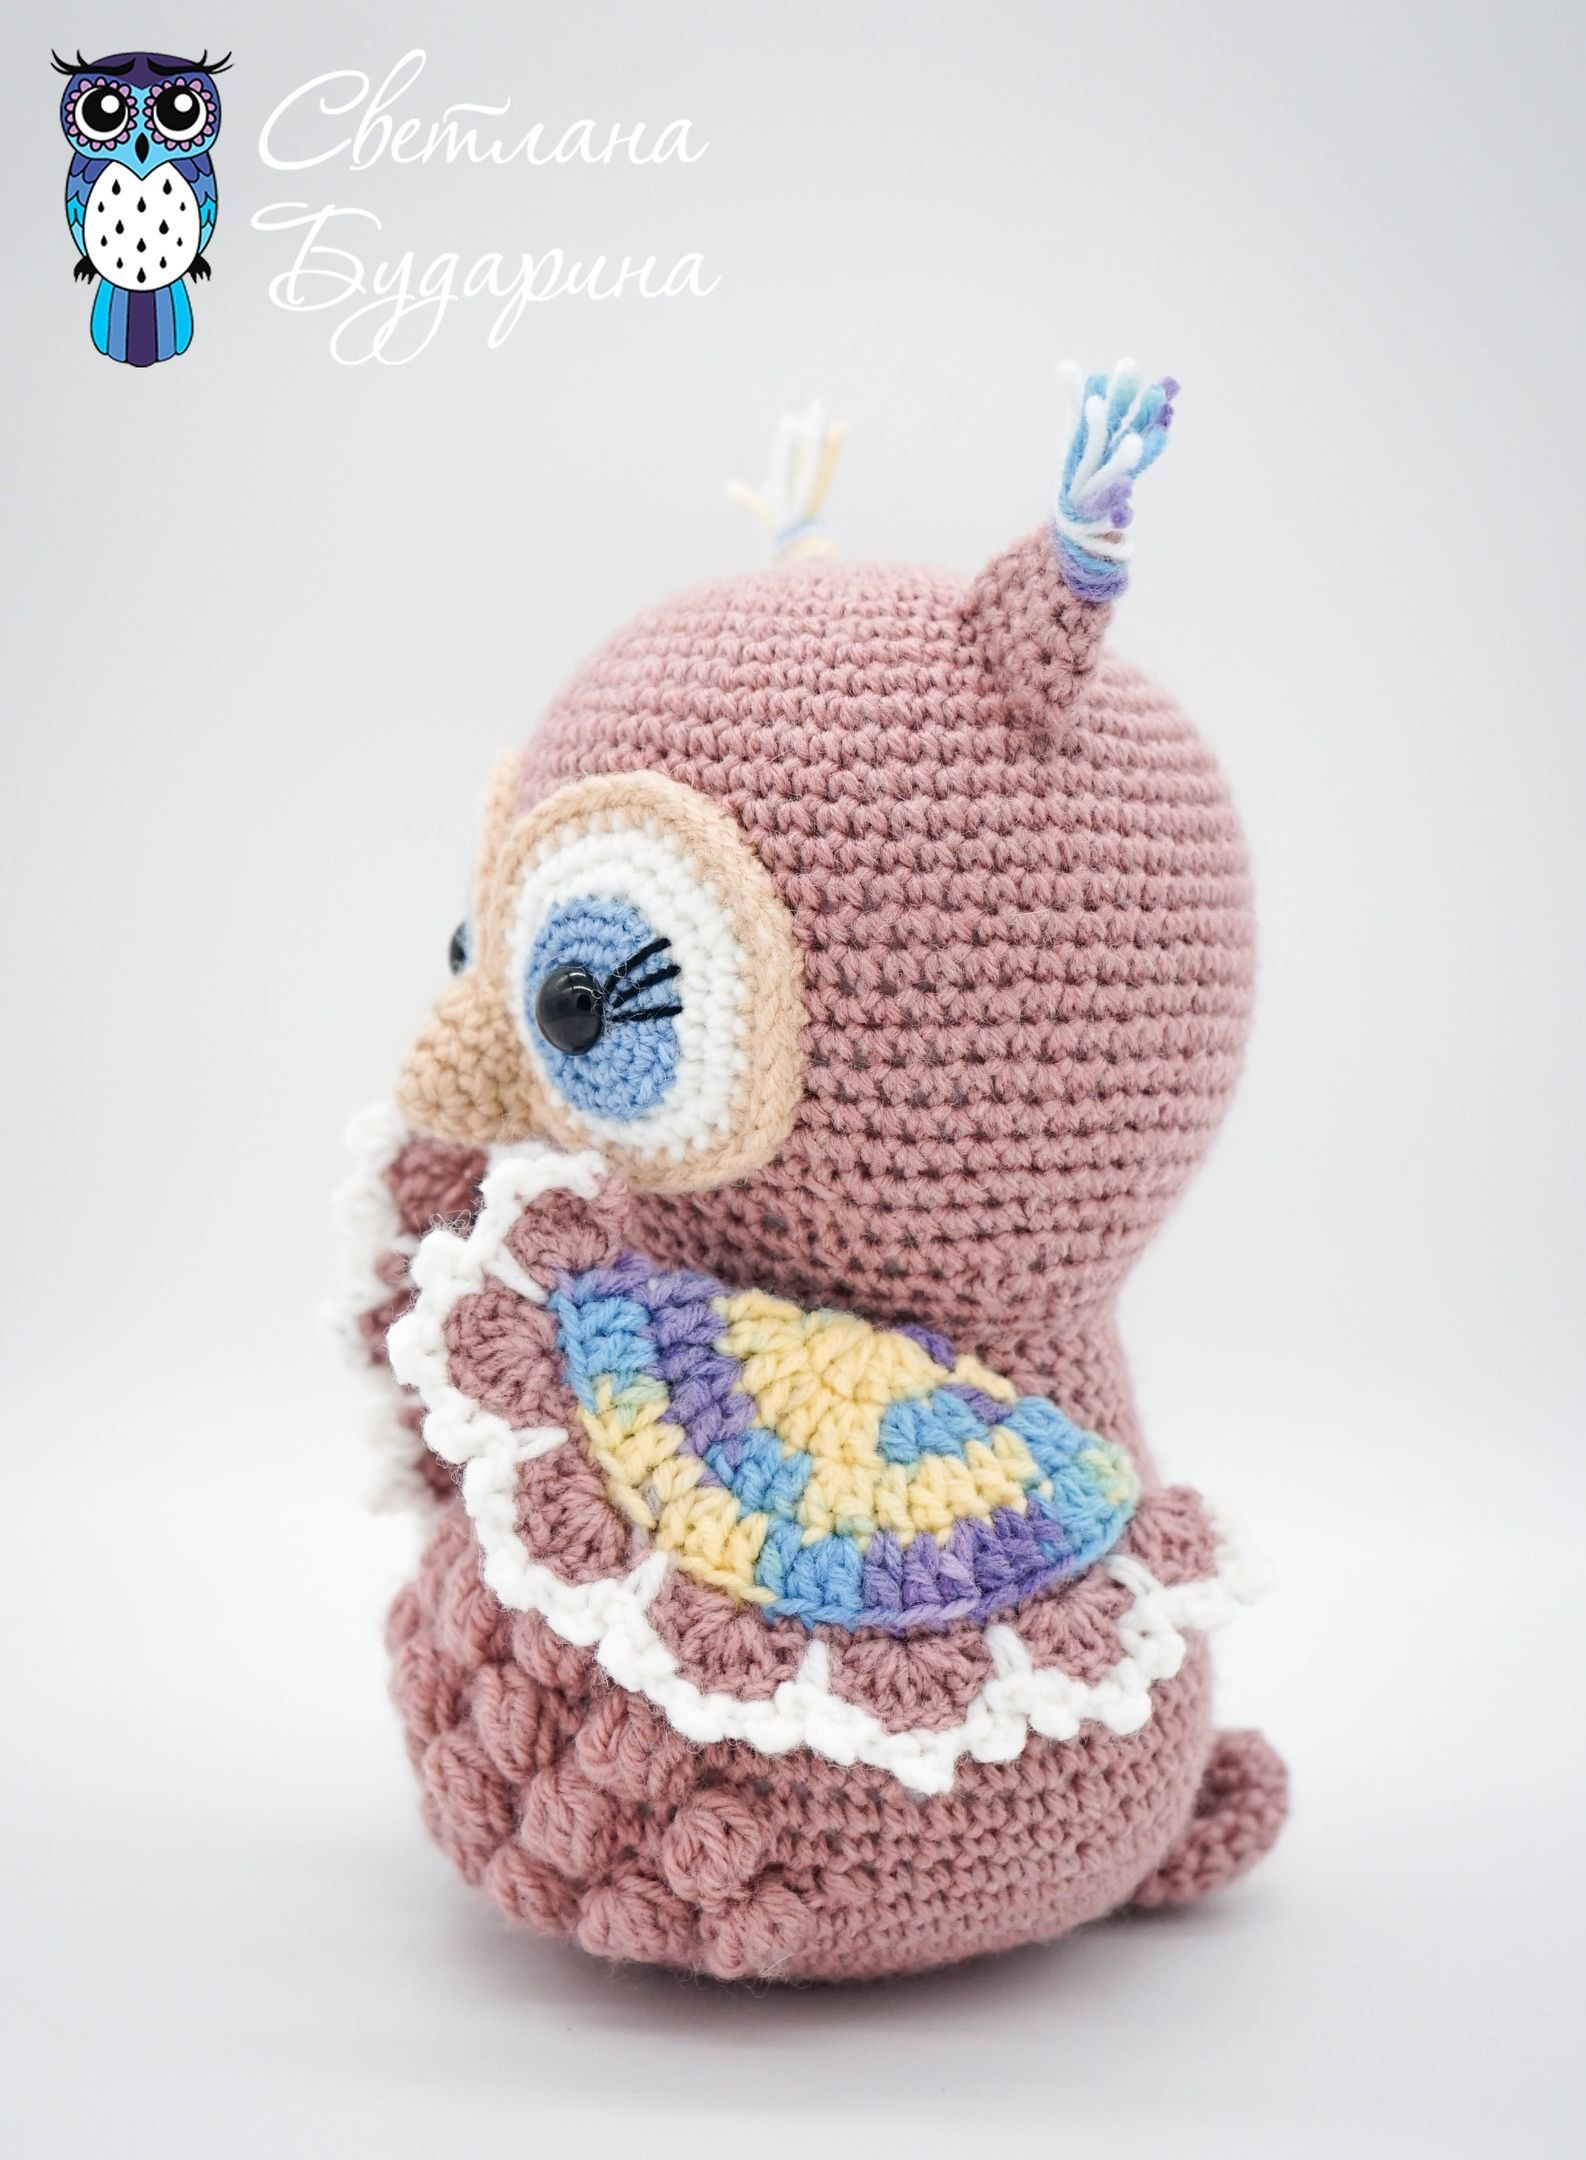 Tutorial Búho a crochet: Pon un amigurumi en tu vida - Tutoriales ... | 2160x1586